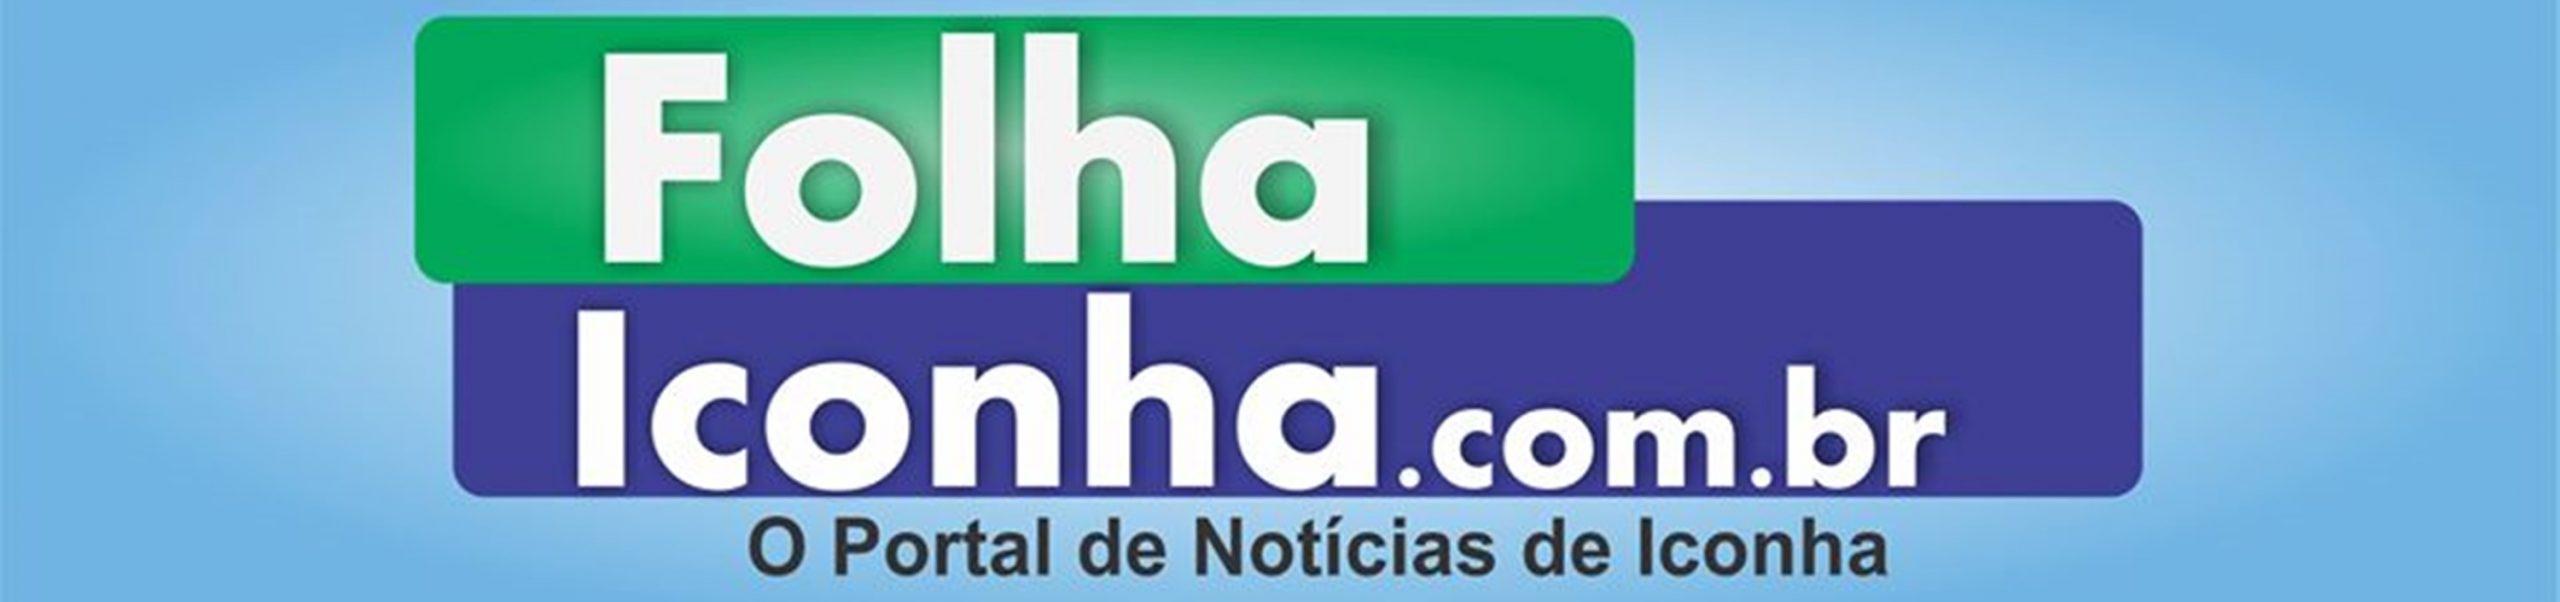 Últimas notícas de Iconha, do ES, Brasil e Mundo, você sempre bem informado.